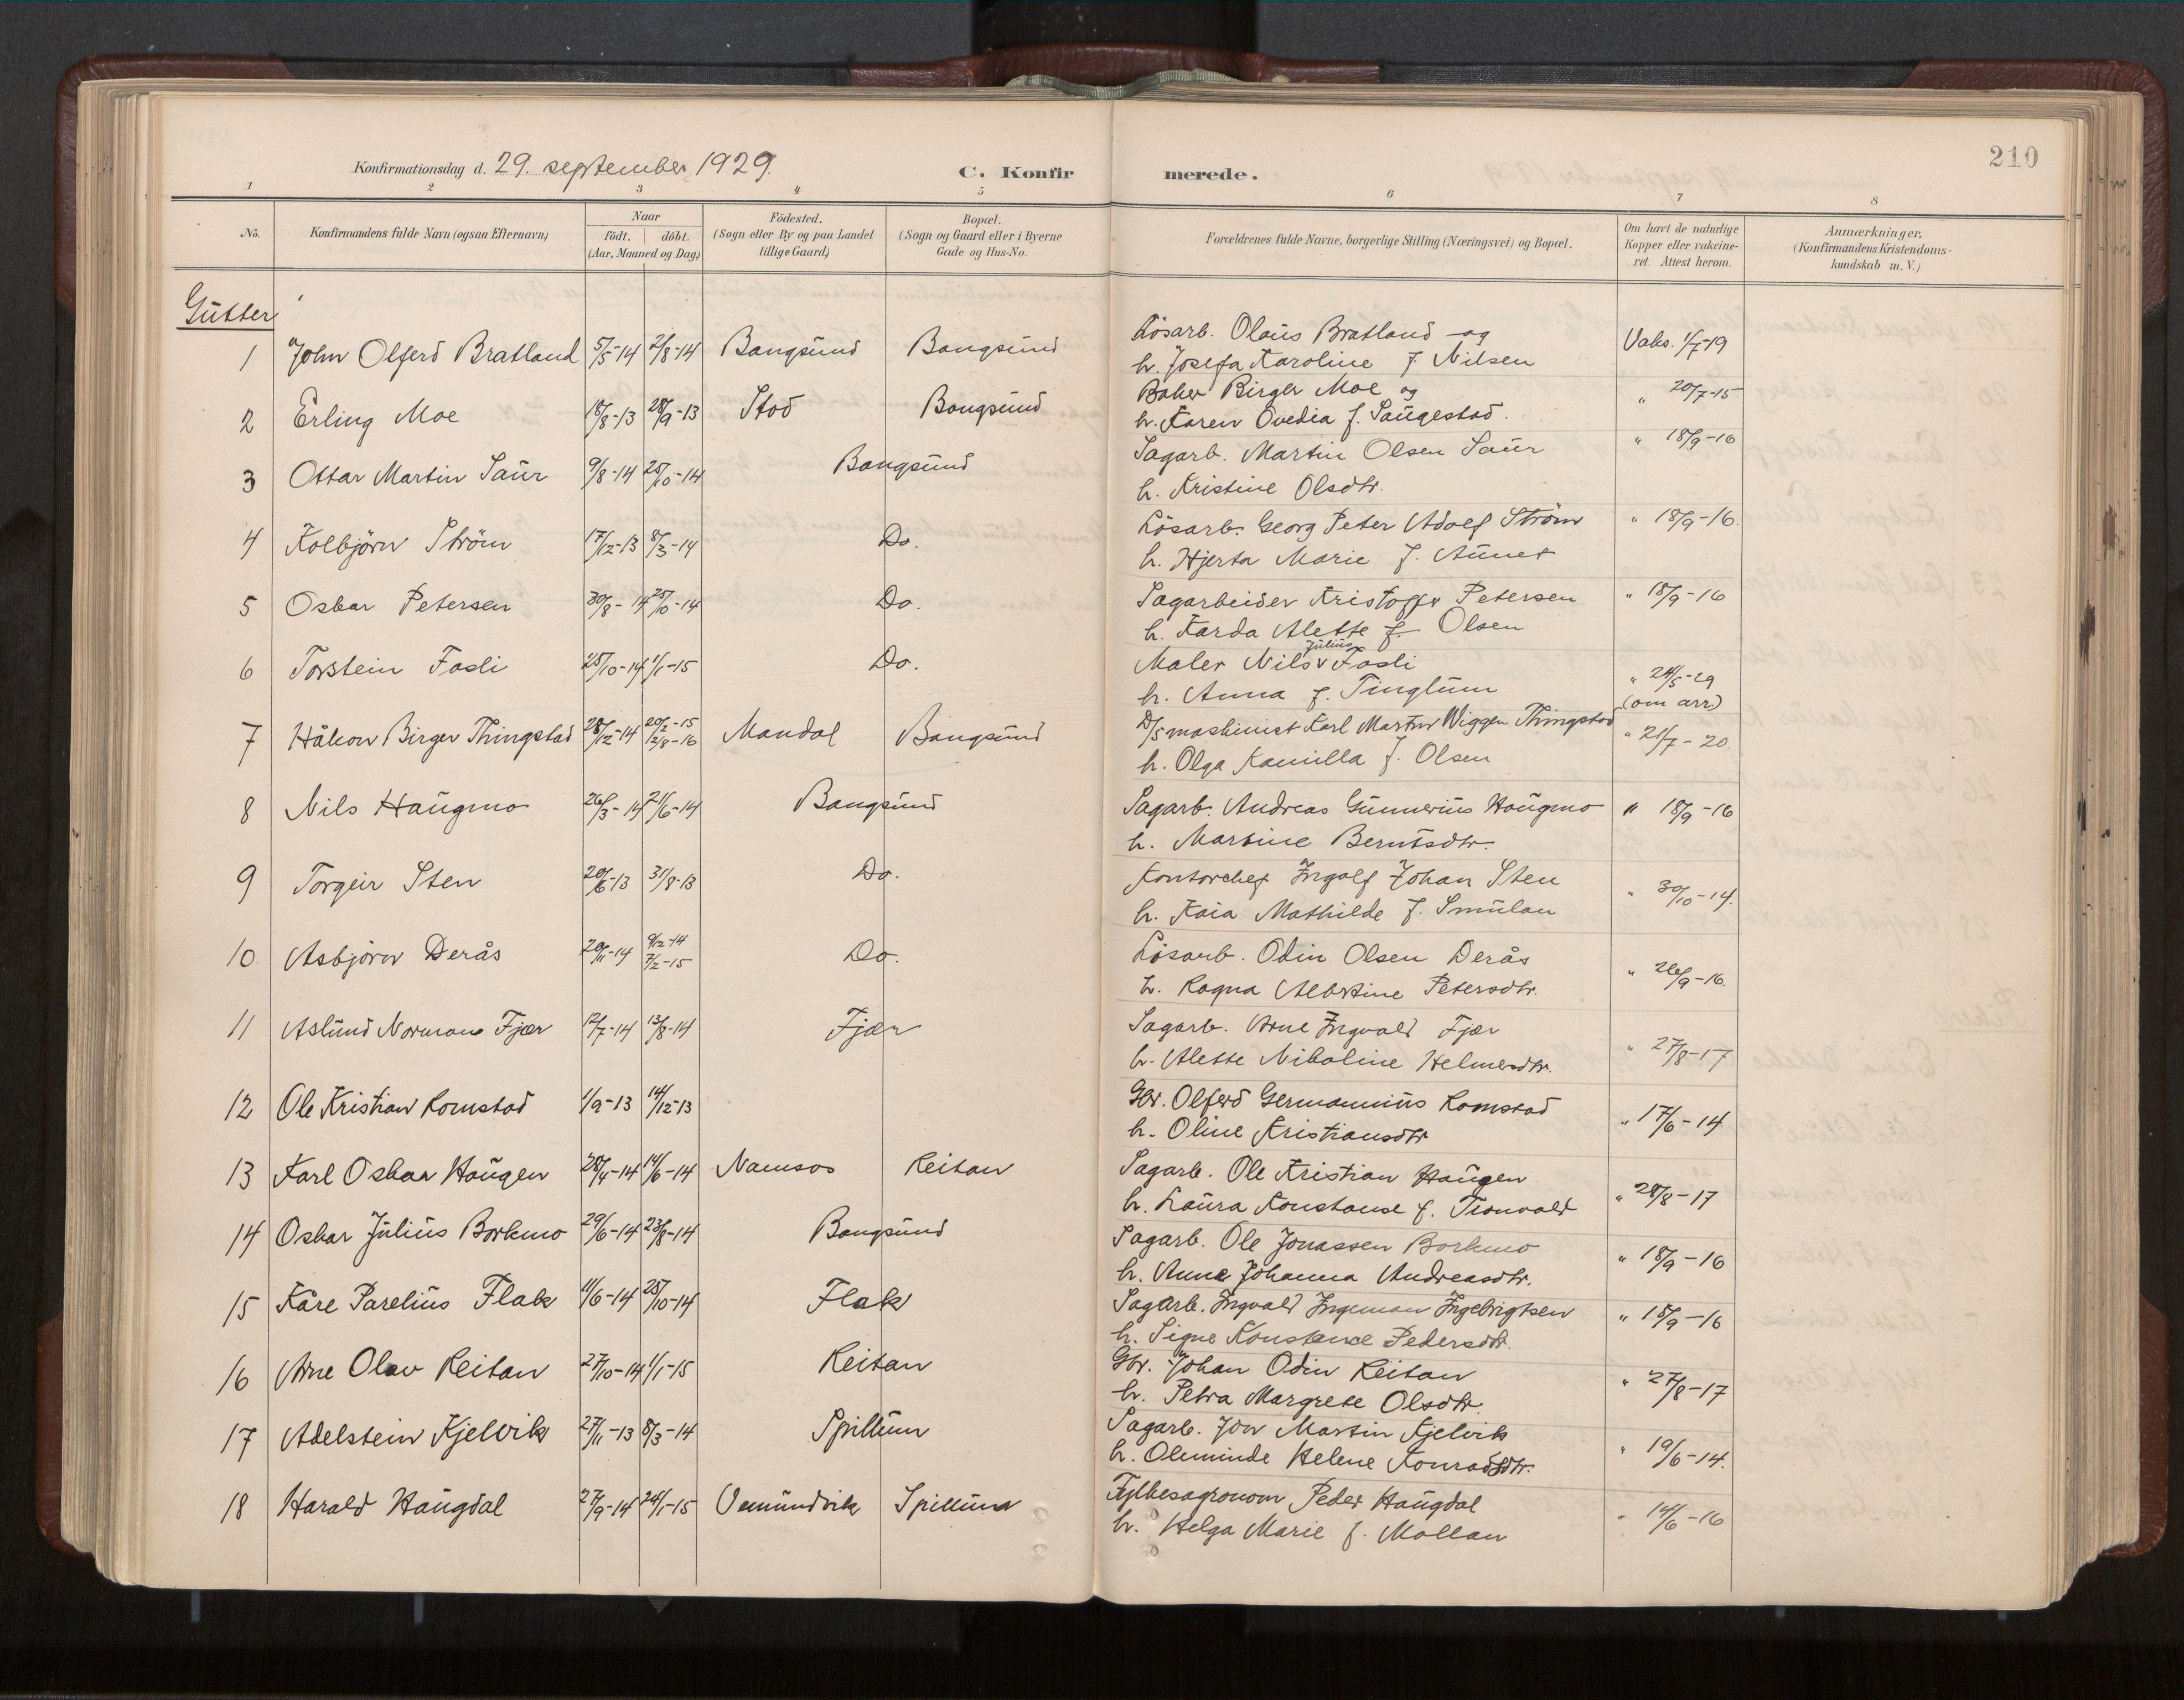 SAT, Ministerialprotokoller, klokkerbøker og fødselsregistre - Nord-Trøndelag, 770/L0589: Ministerialbok nr. 770A03, 1887-1929, s. 210